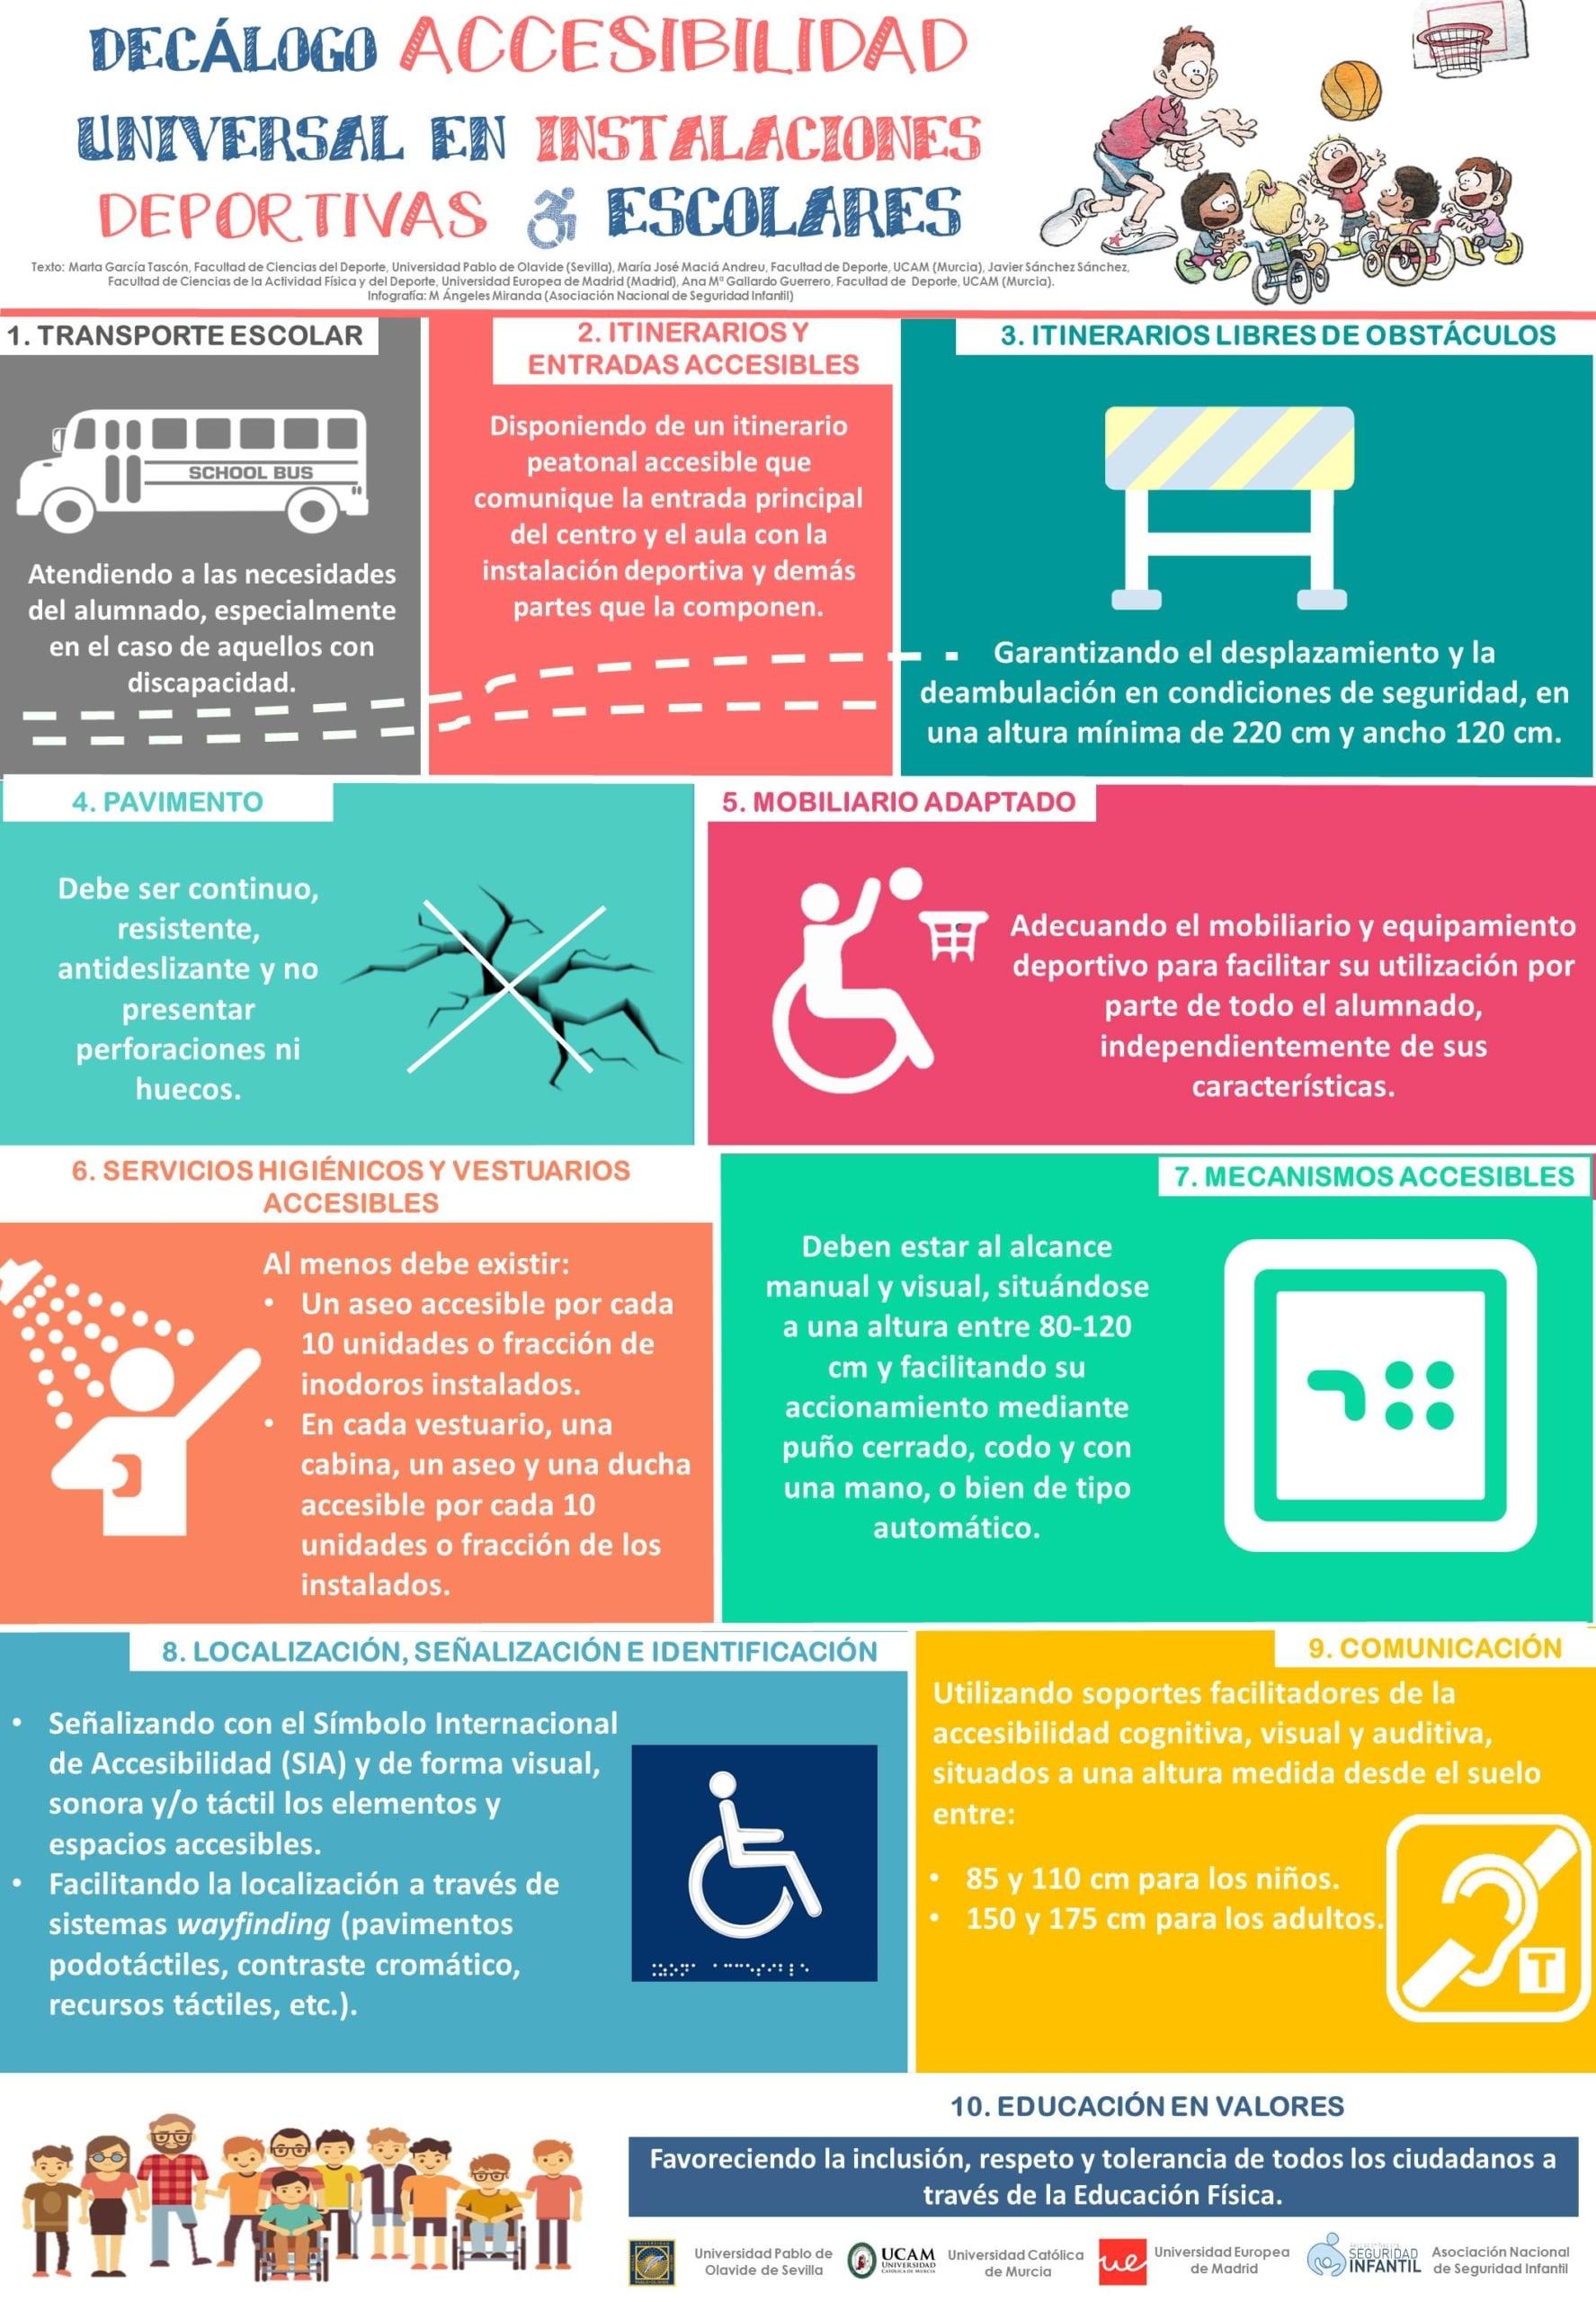 accesibilidad-deporte-infantil